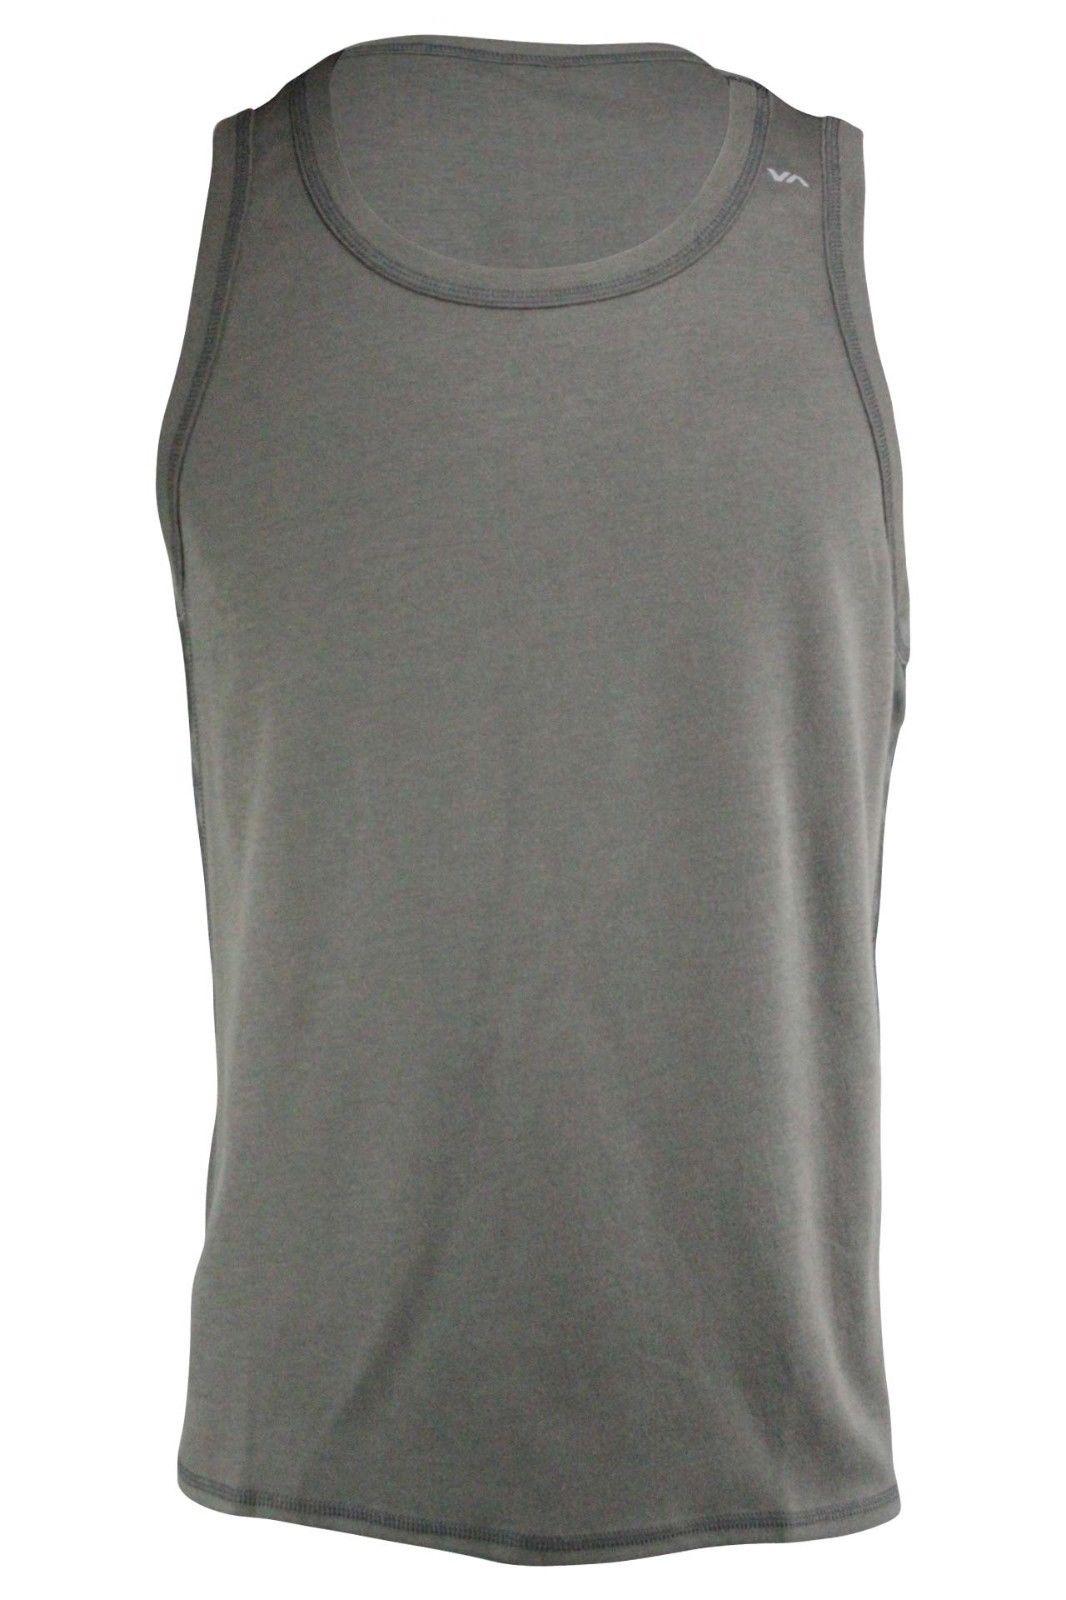 Damen Figurbetonendes Tanktop Achselshirt Shirt Top mit Boxerrücken Gr S M 36 3